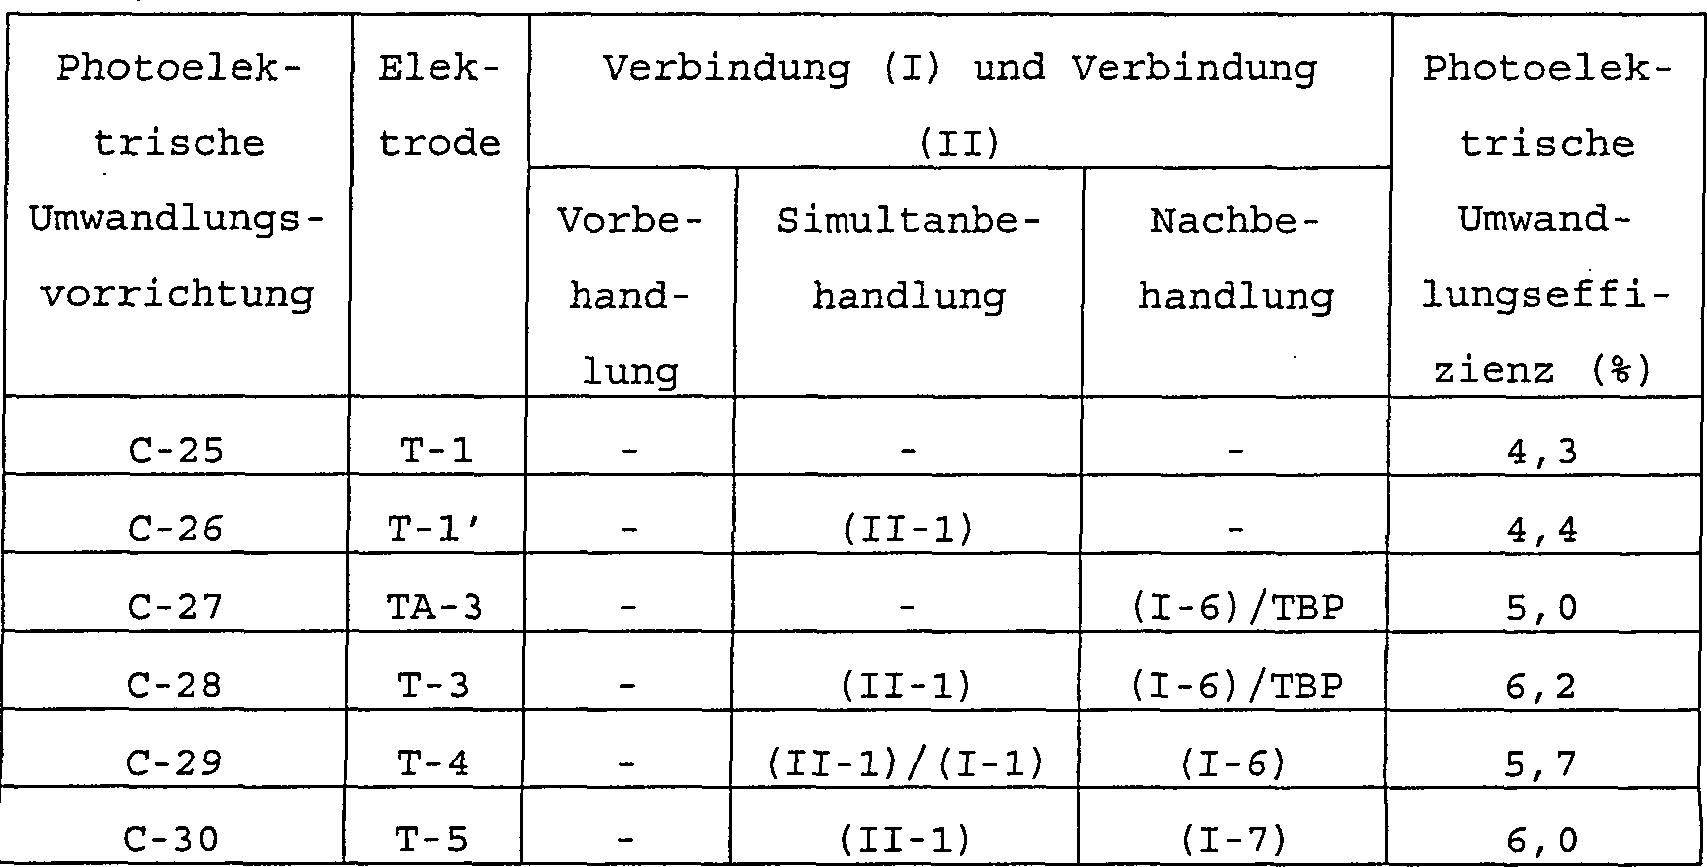 Großartig 4 Gauge Kupferdraht Galerie - Elektrische Schaltplan-Ideen ...